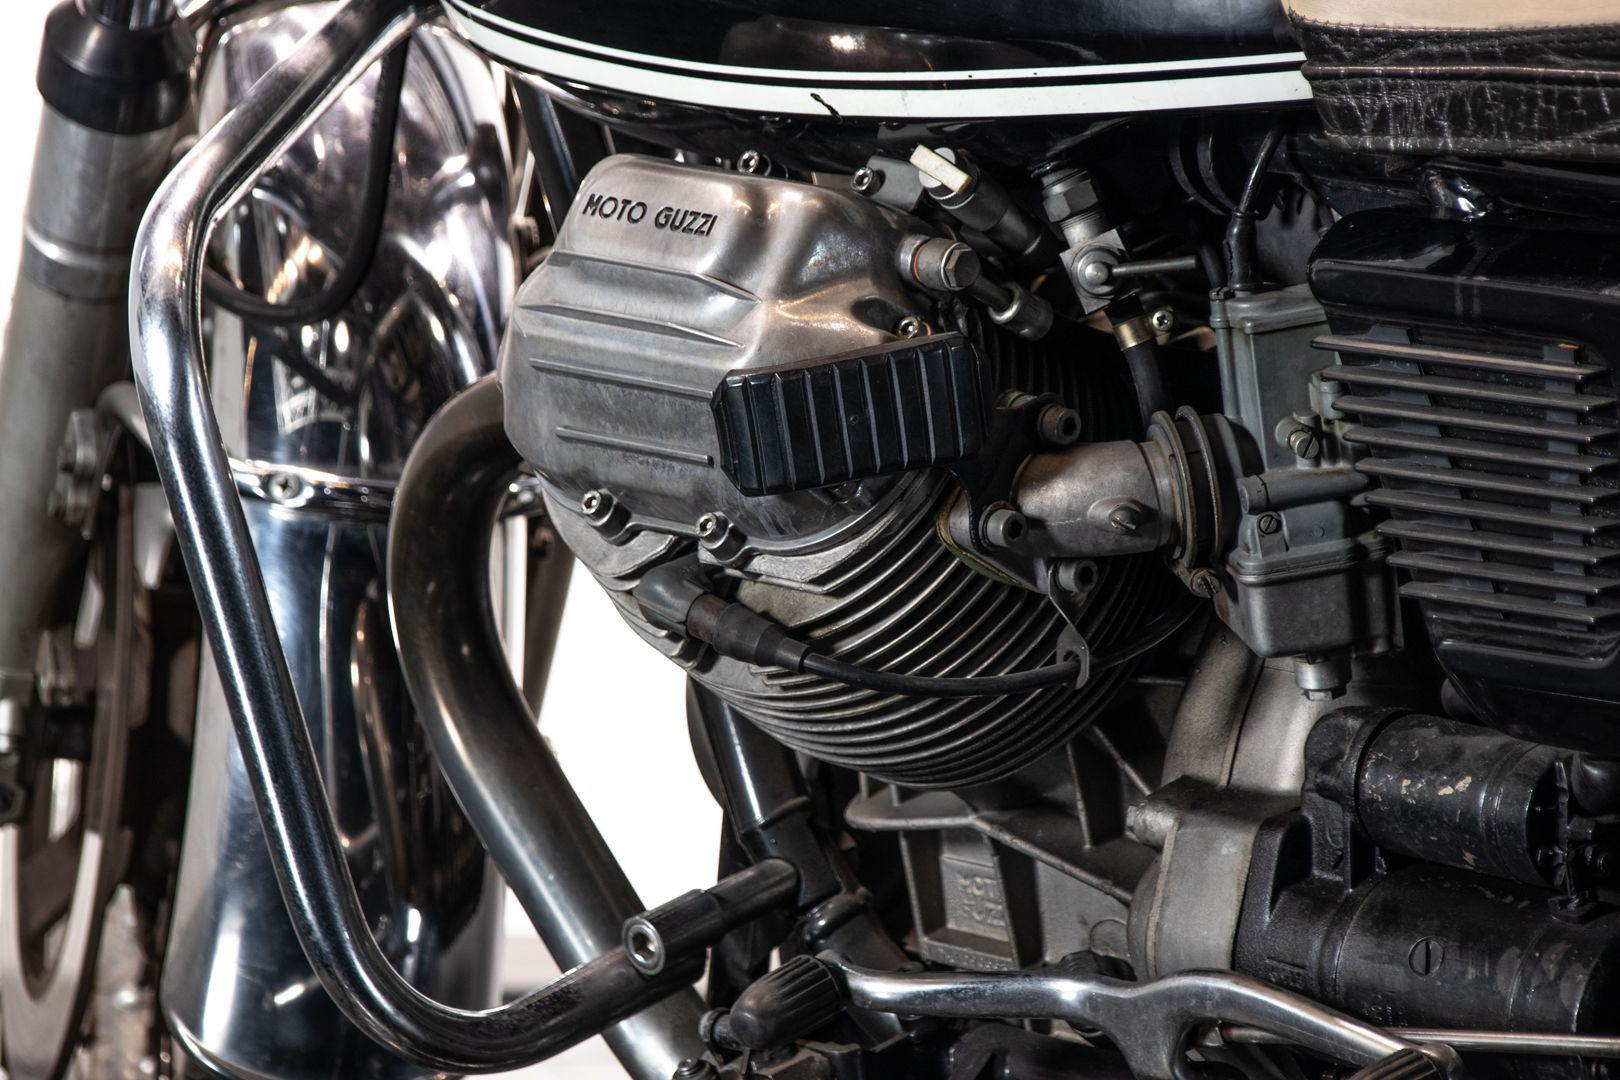 1978 Moto Guzzi 850 VD 73 60018